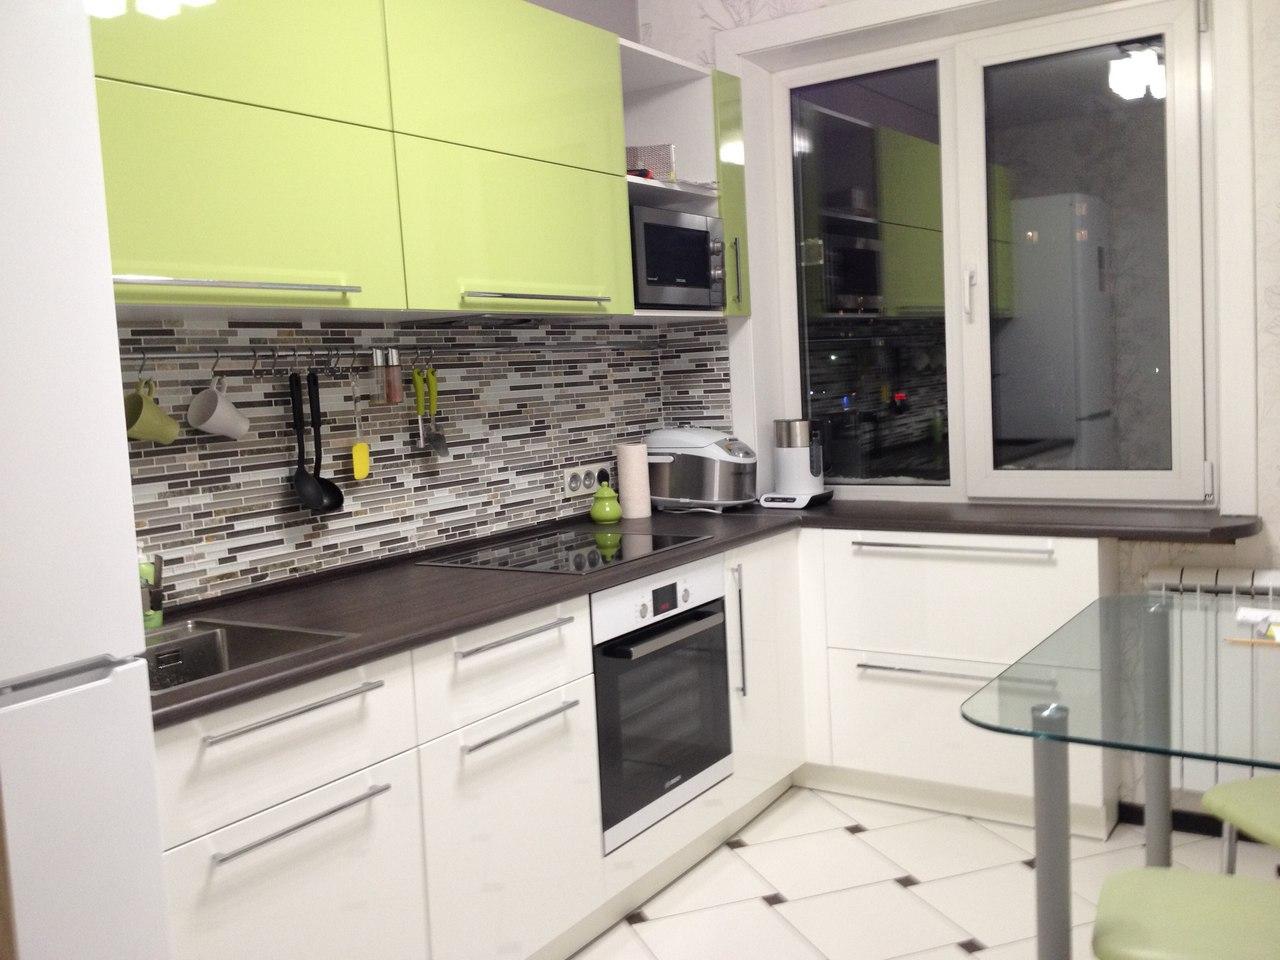 Дизайн кухни в панельном доме 9 кв.м с балконом